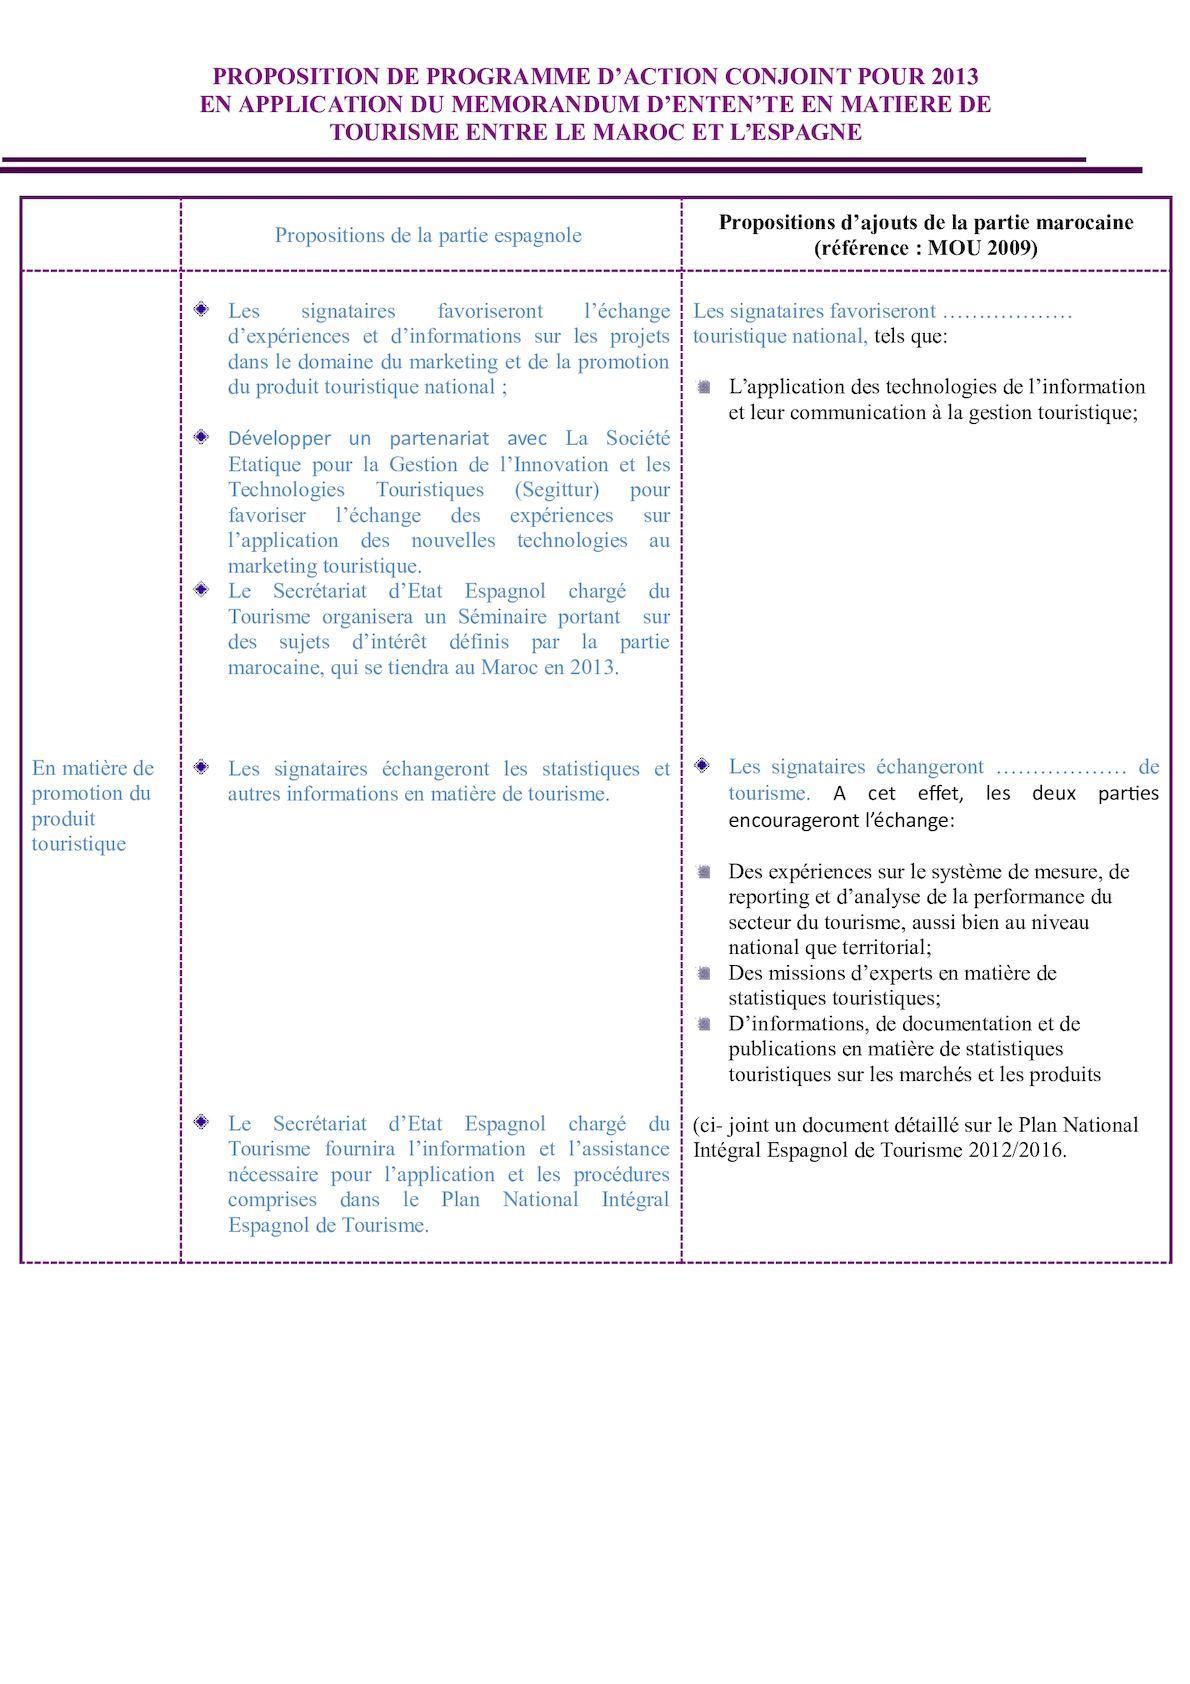 Plan D'action Maroc Espagne 2013 (2) (2).